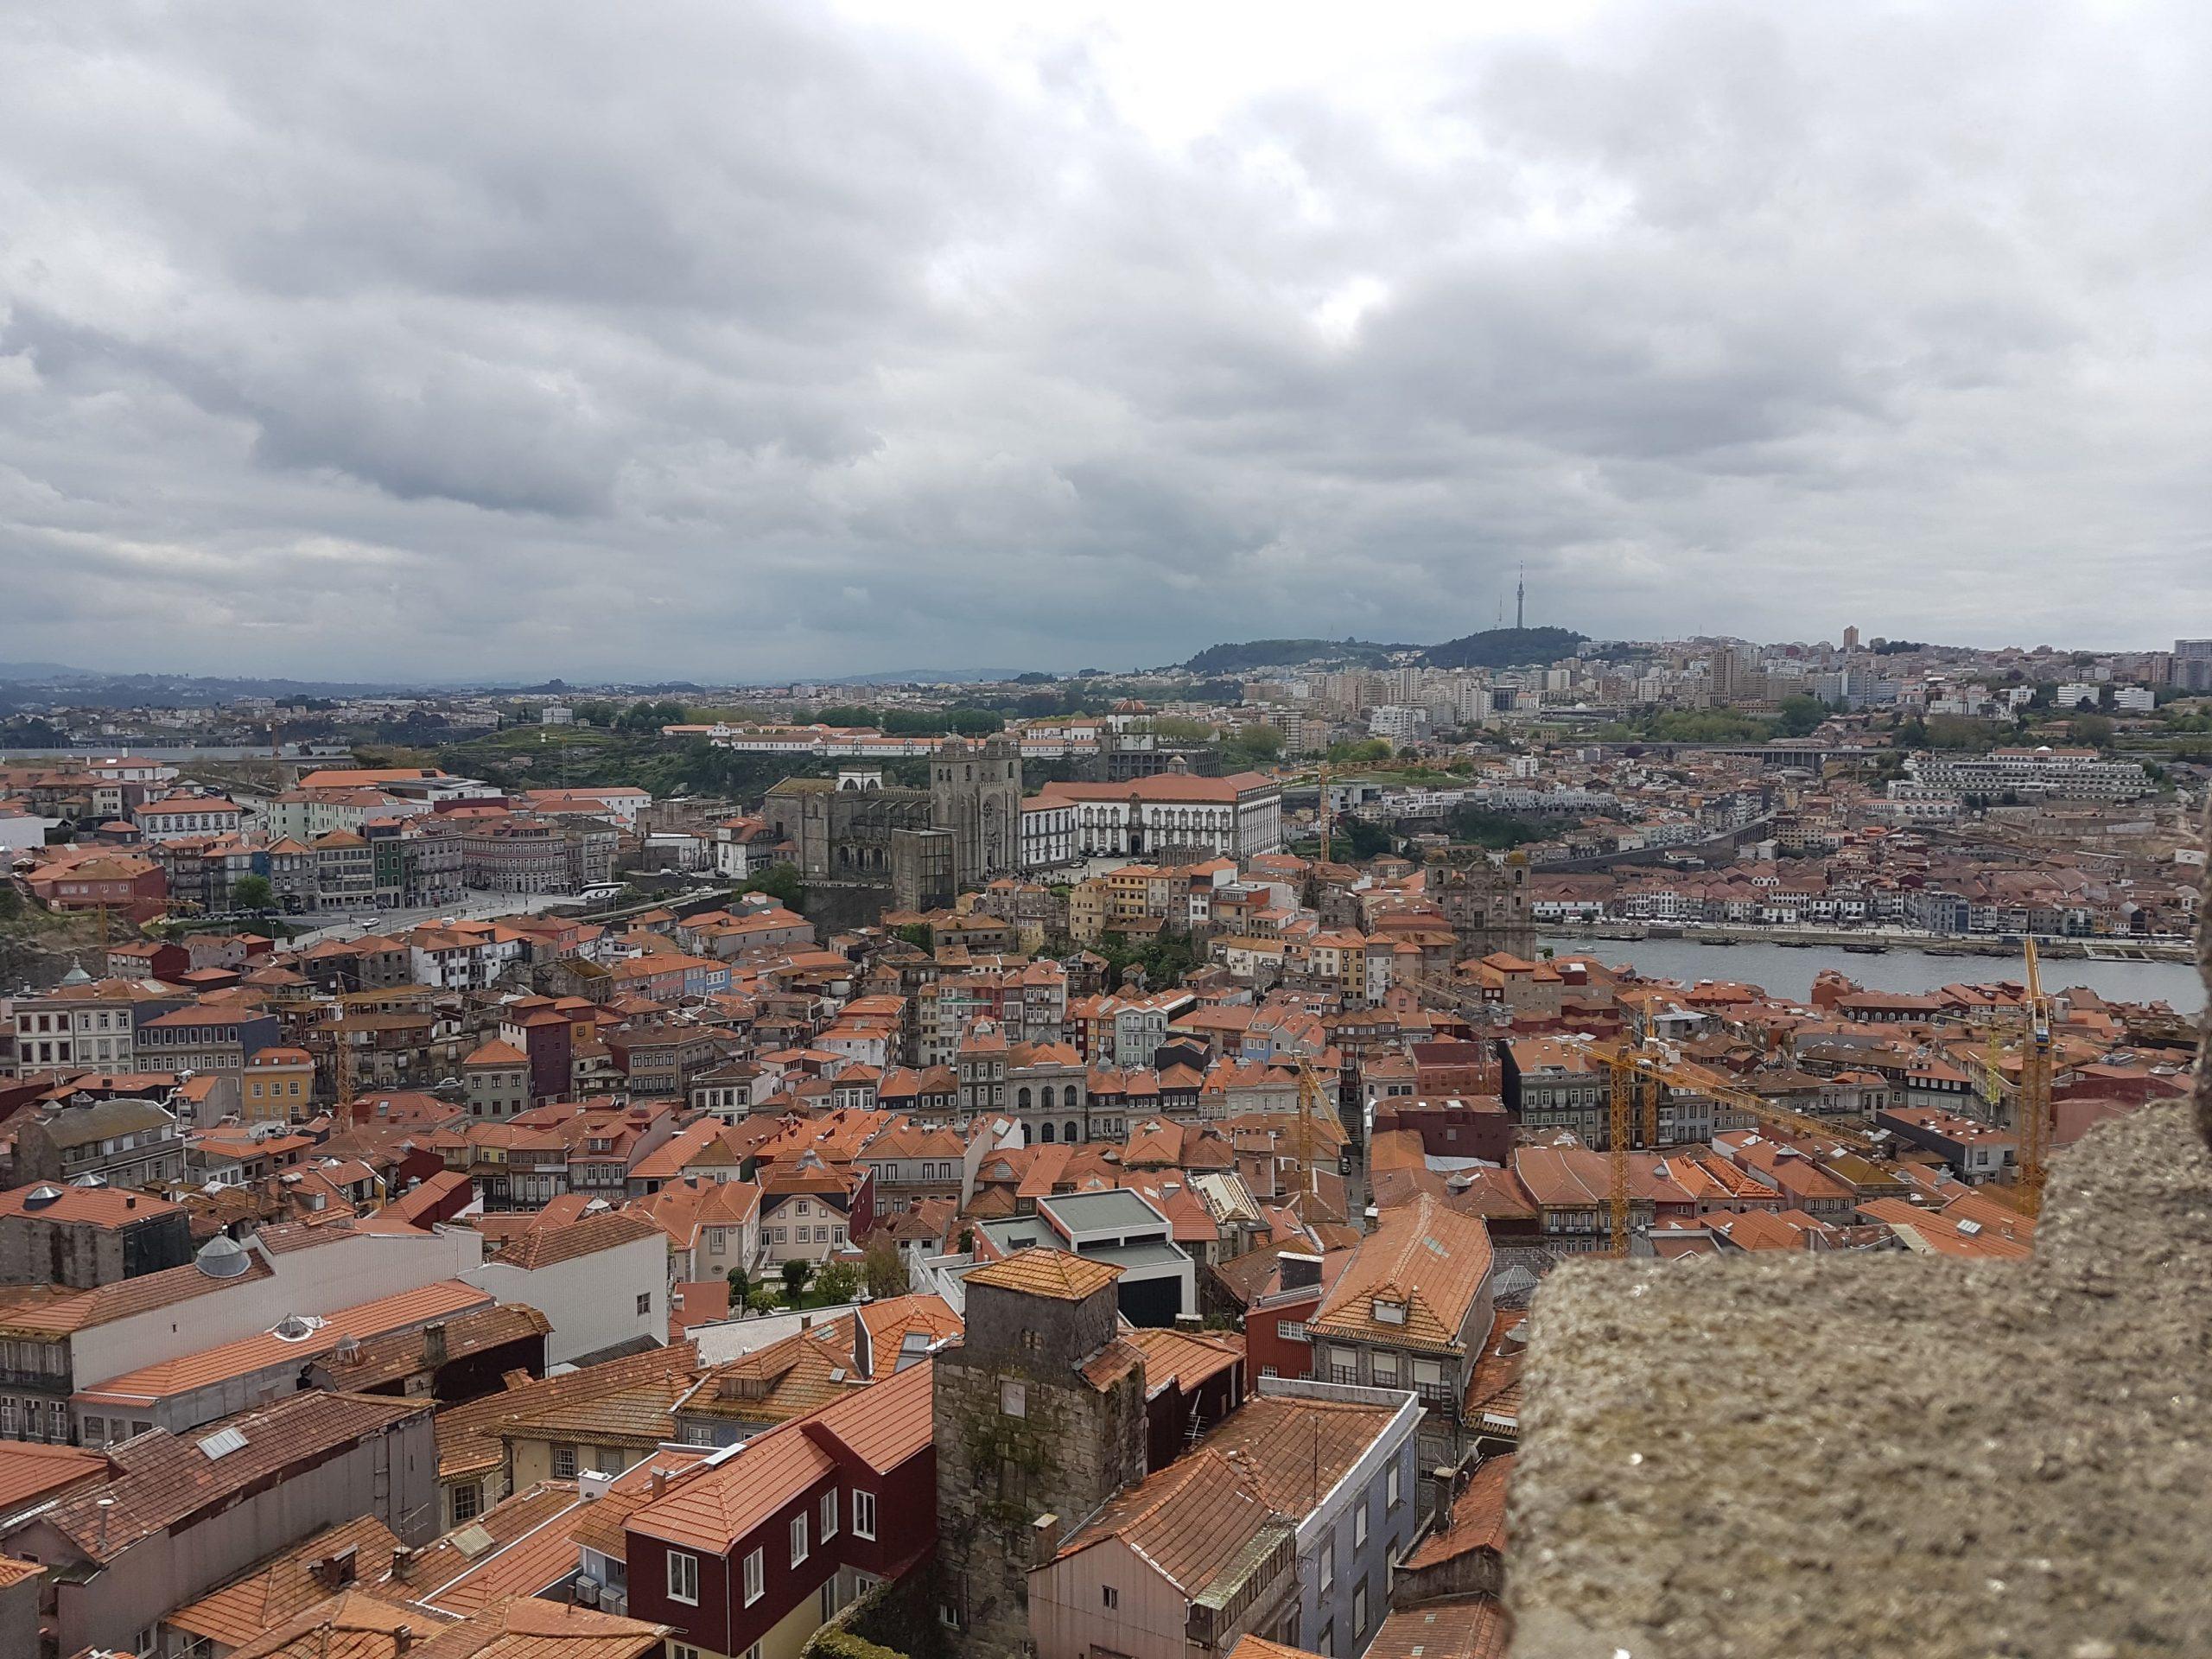 Panoramica de Oporto desde la torre de los Clérigos